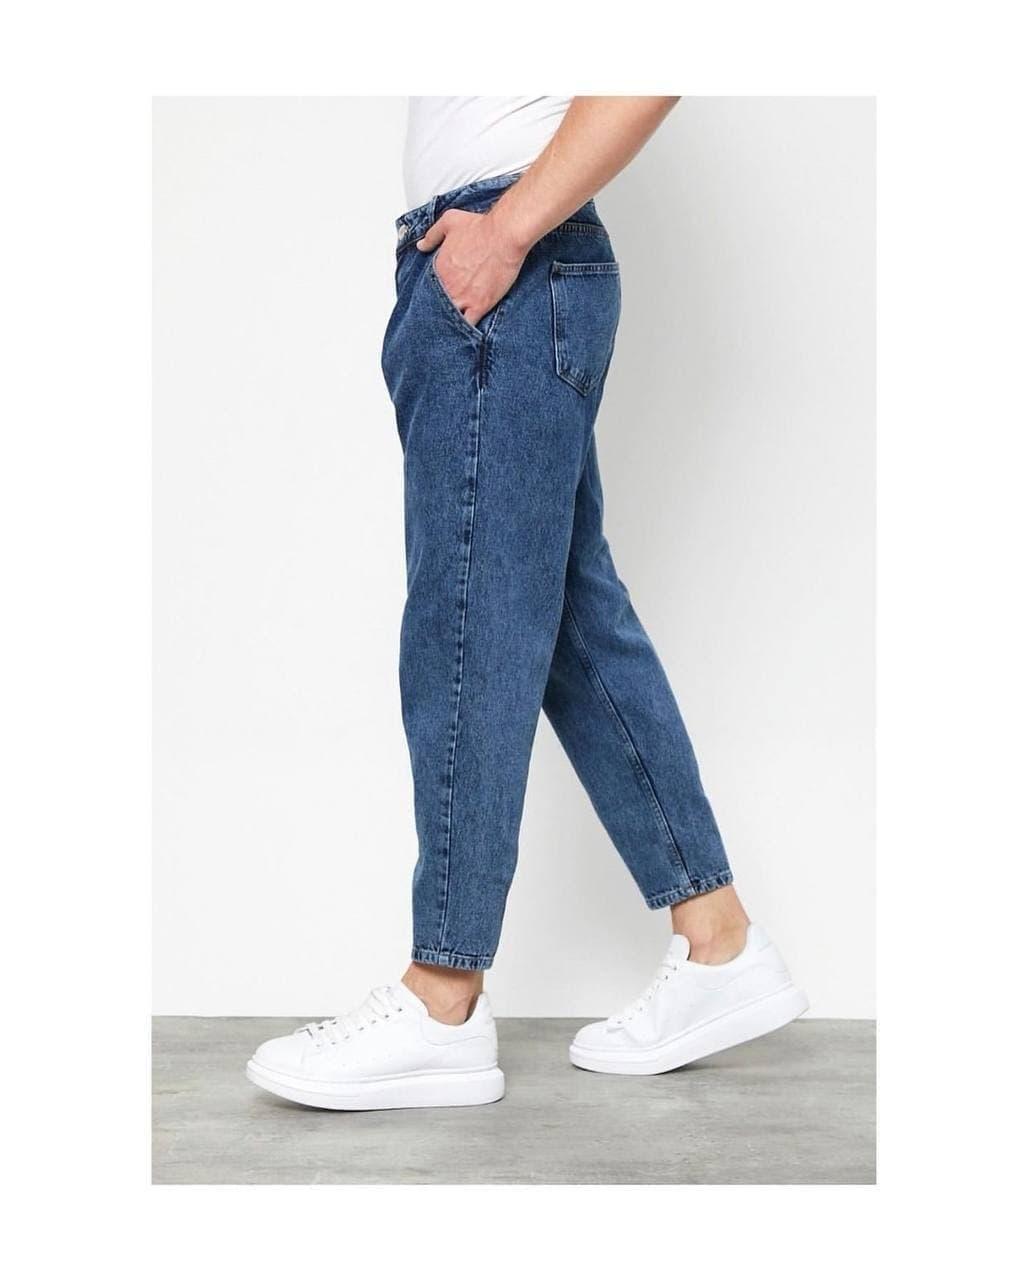 Мужские джинсы зауженные книзу (синие) качественные молодежные s3022